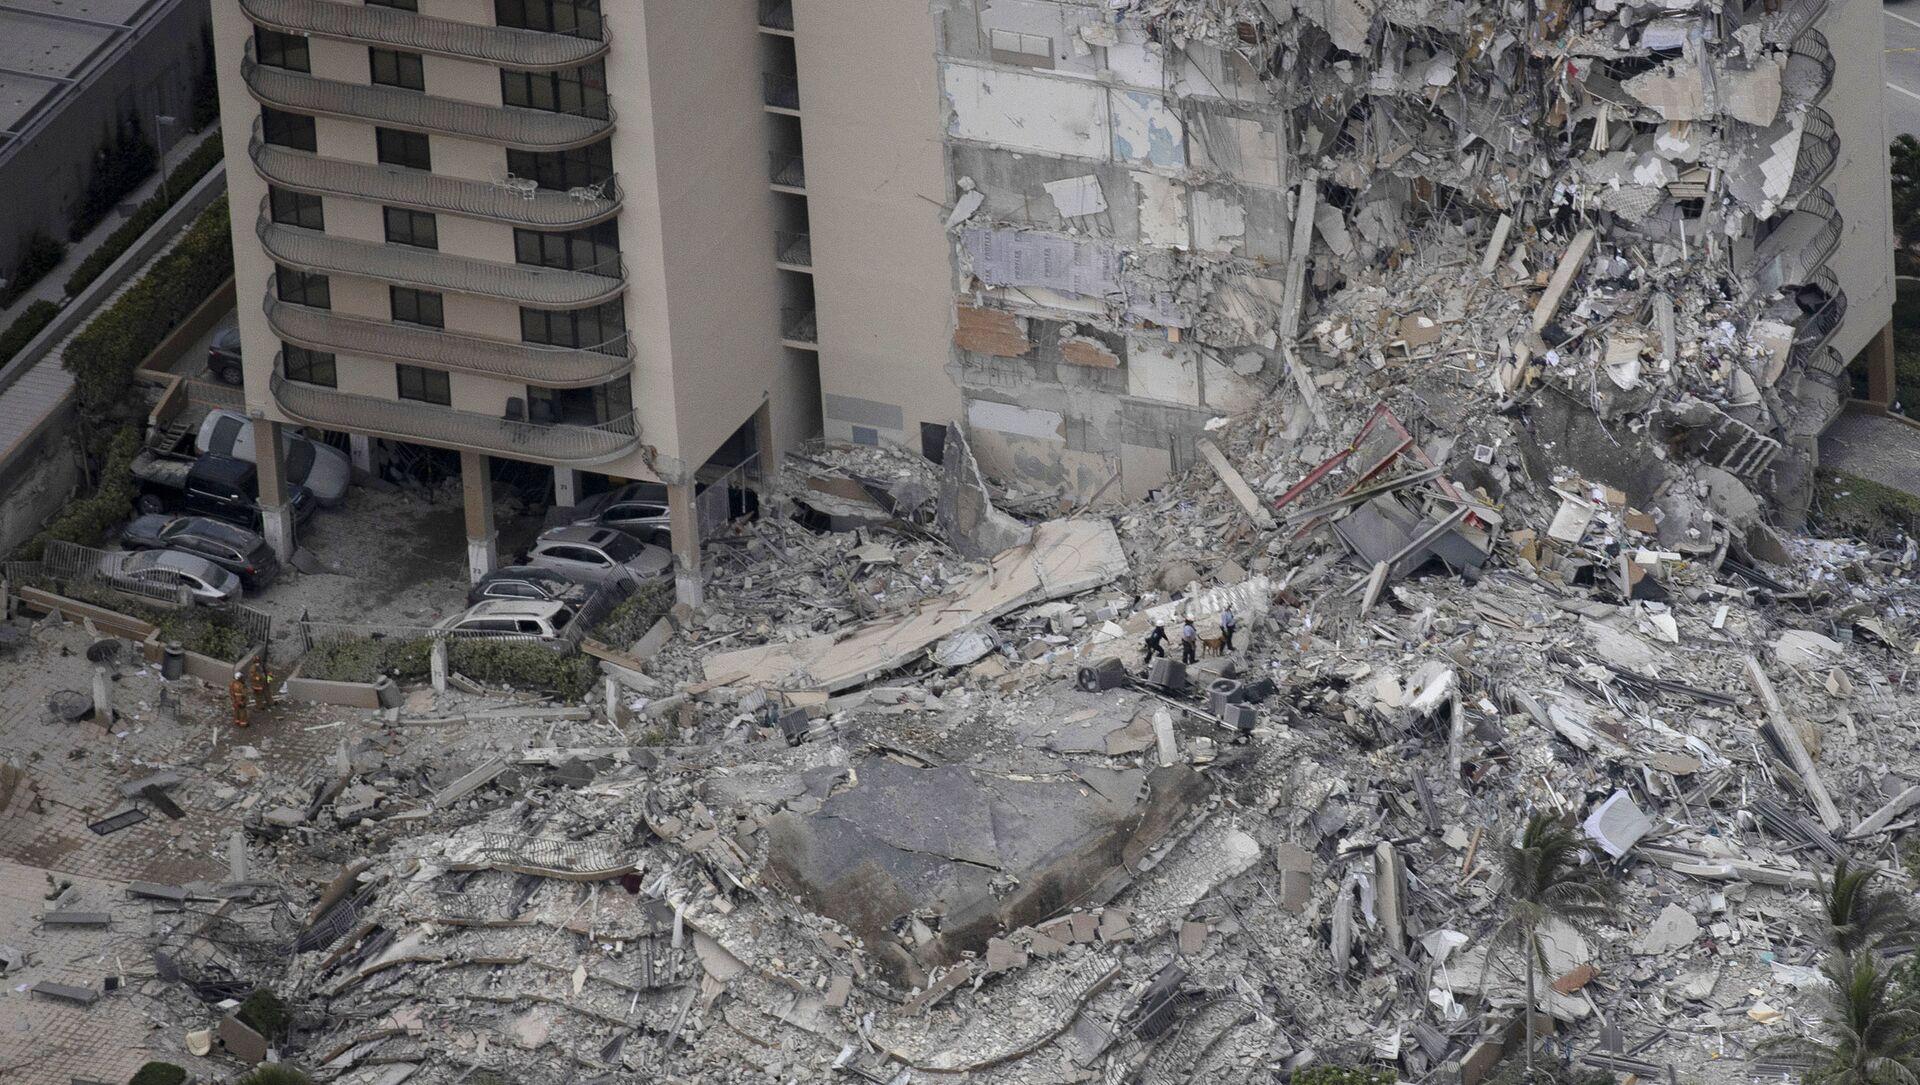 Effondrement d'un immeuble résidentiel près de Miami - Sputnik France, 1920, 24.06.2021